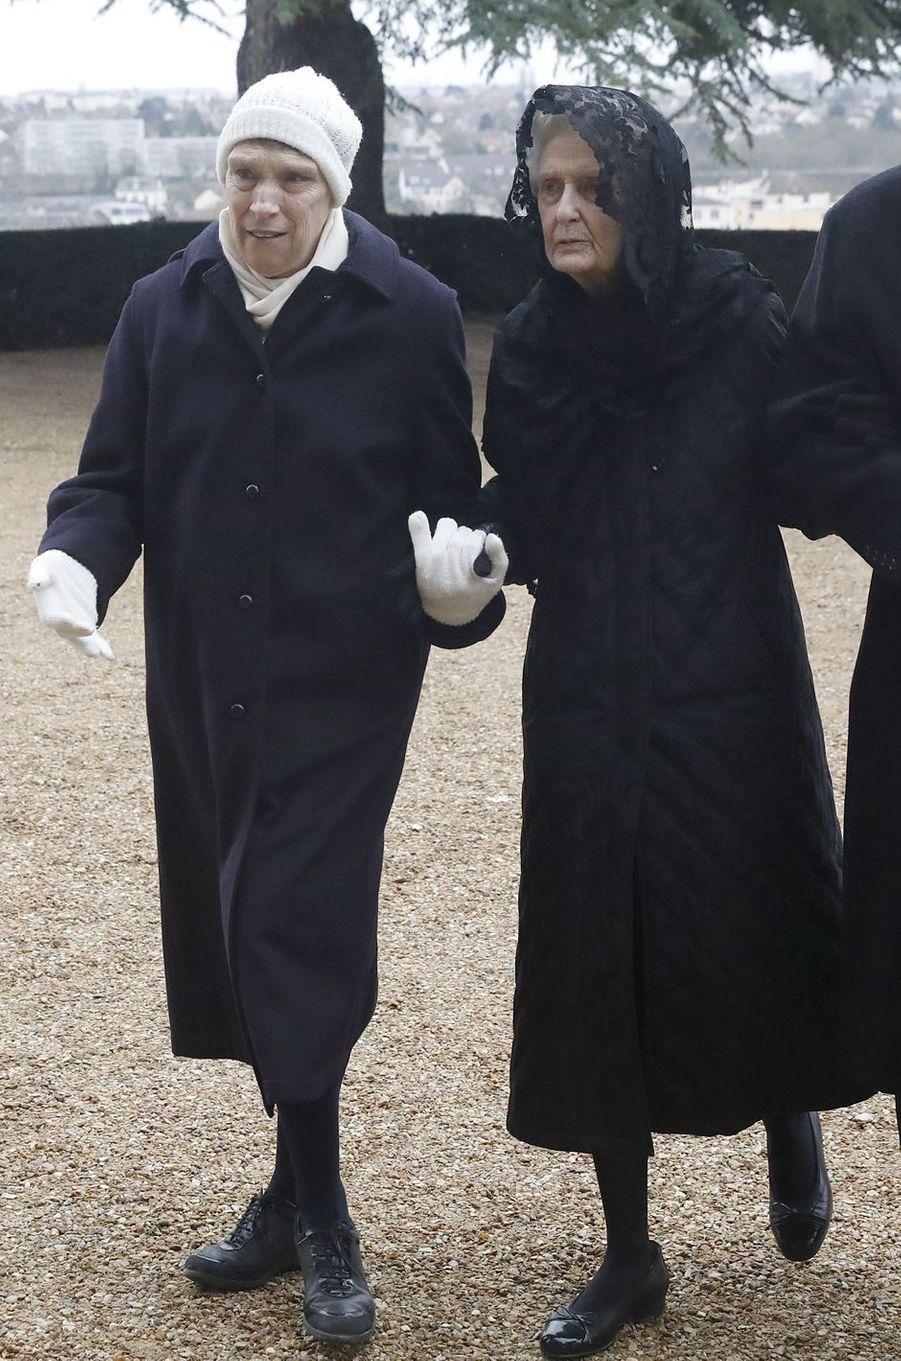 La princesse Blanche d'Orléans et sa mère la duchesse de Montpensier, soeur et mère du prince François, à Dreux le 6 janvier 2018